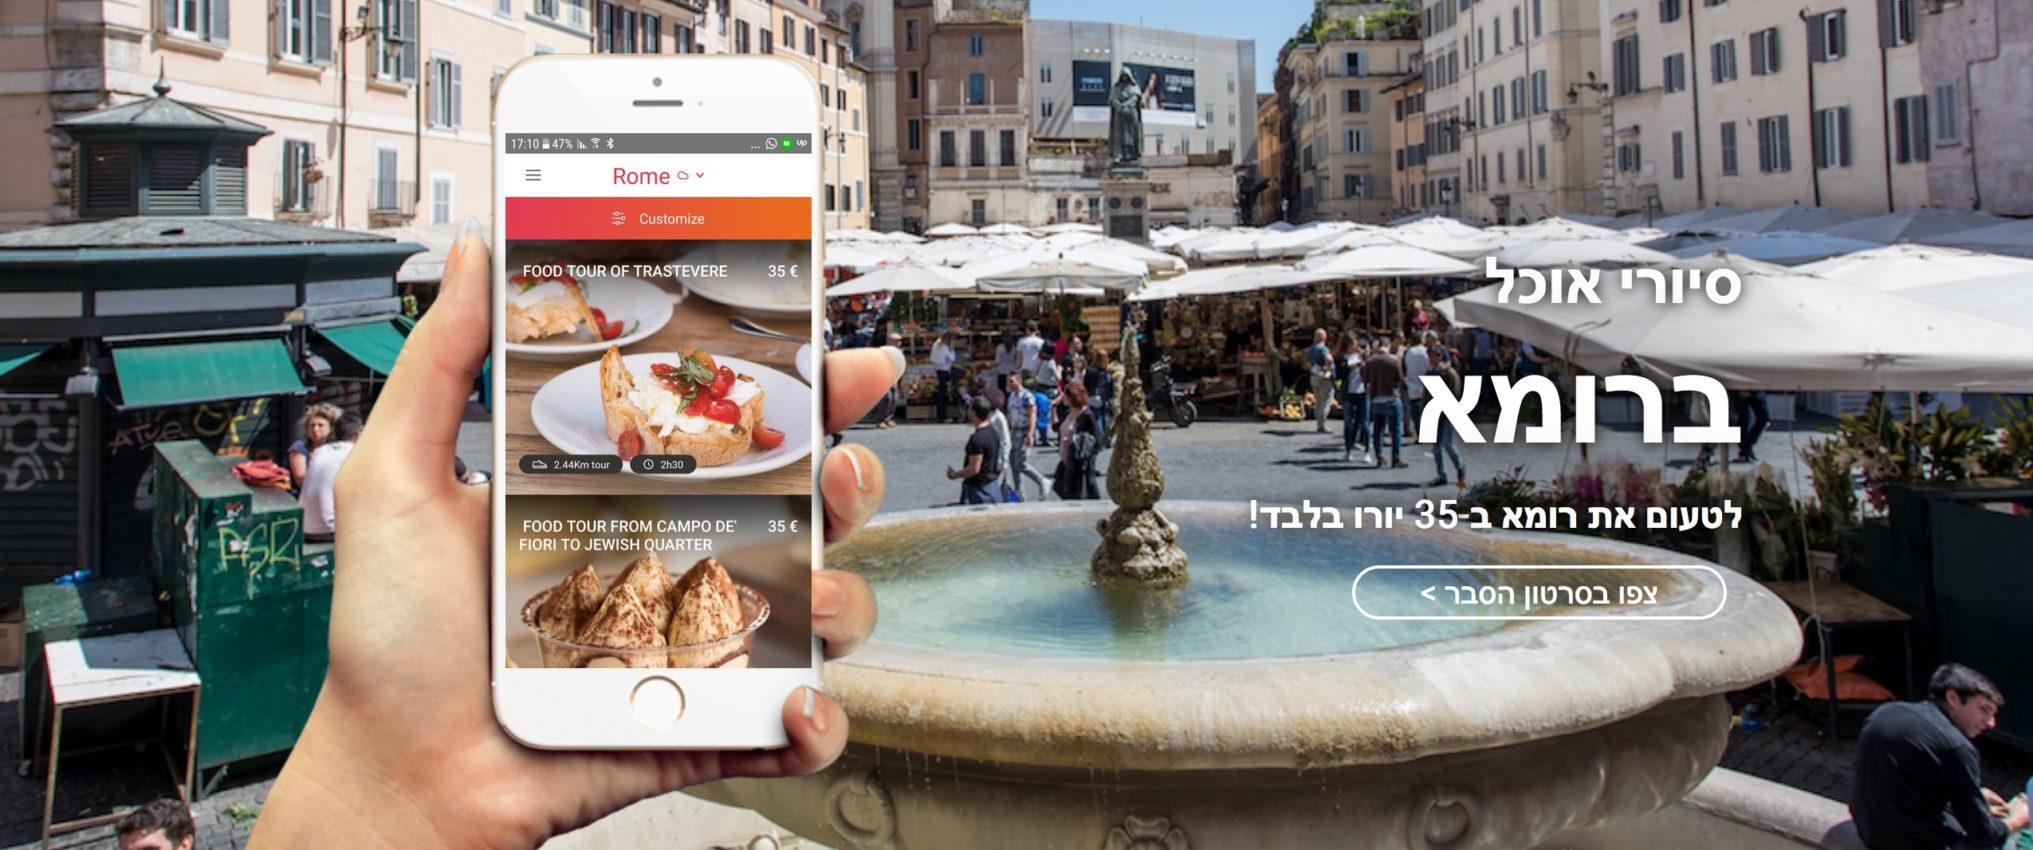 bitemojo סיורי טעימות – האם זו האפליקציה הבאה שלכם בחו״ל?